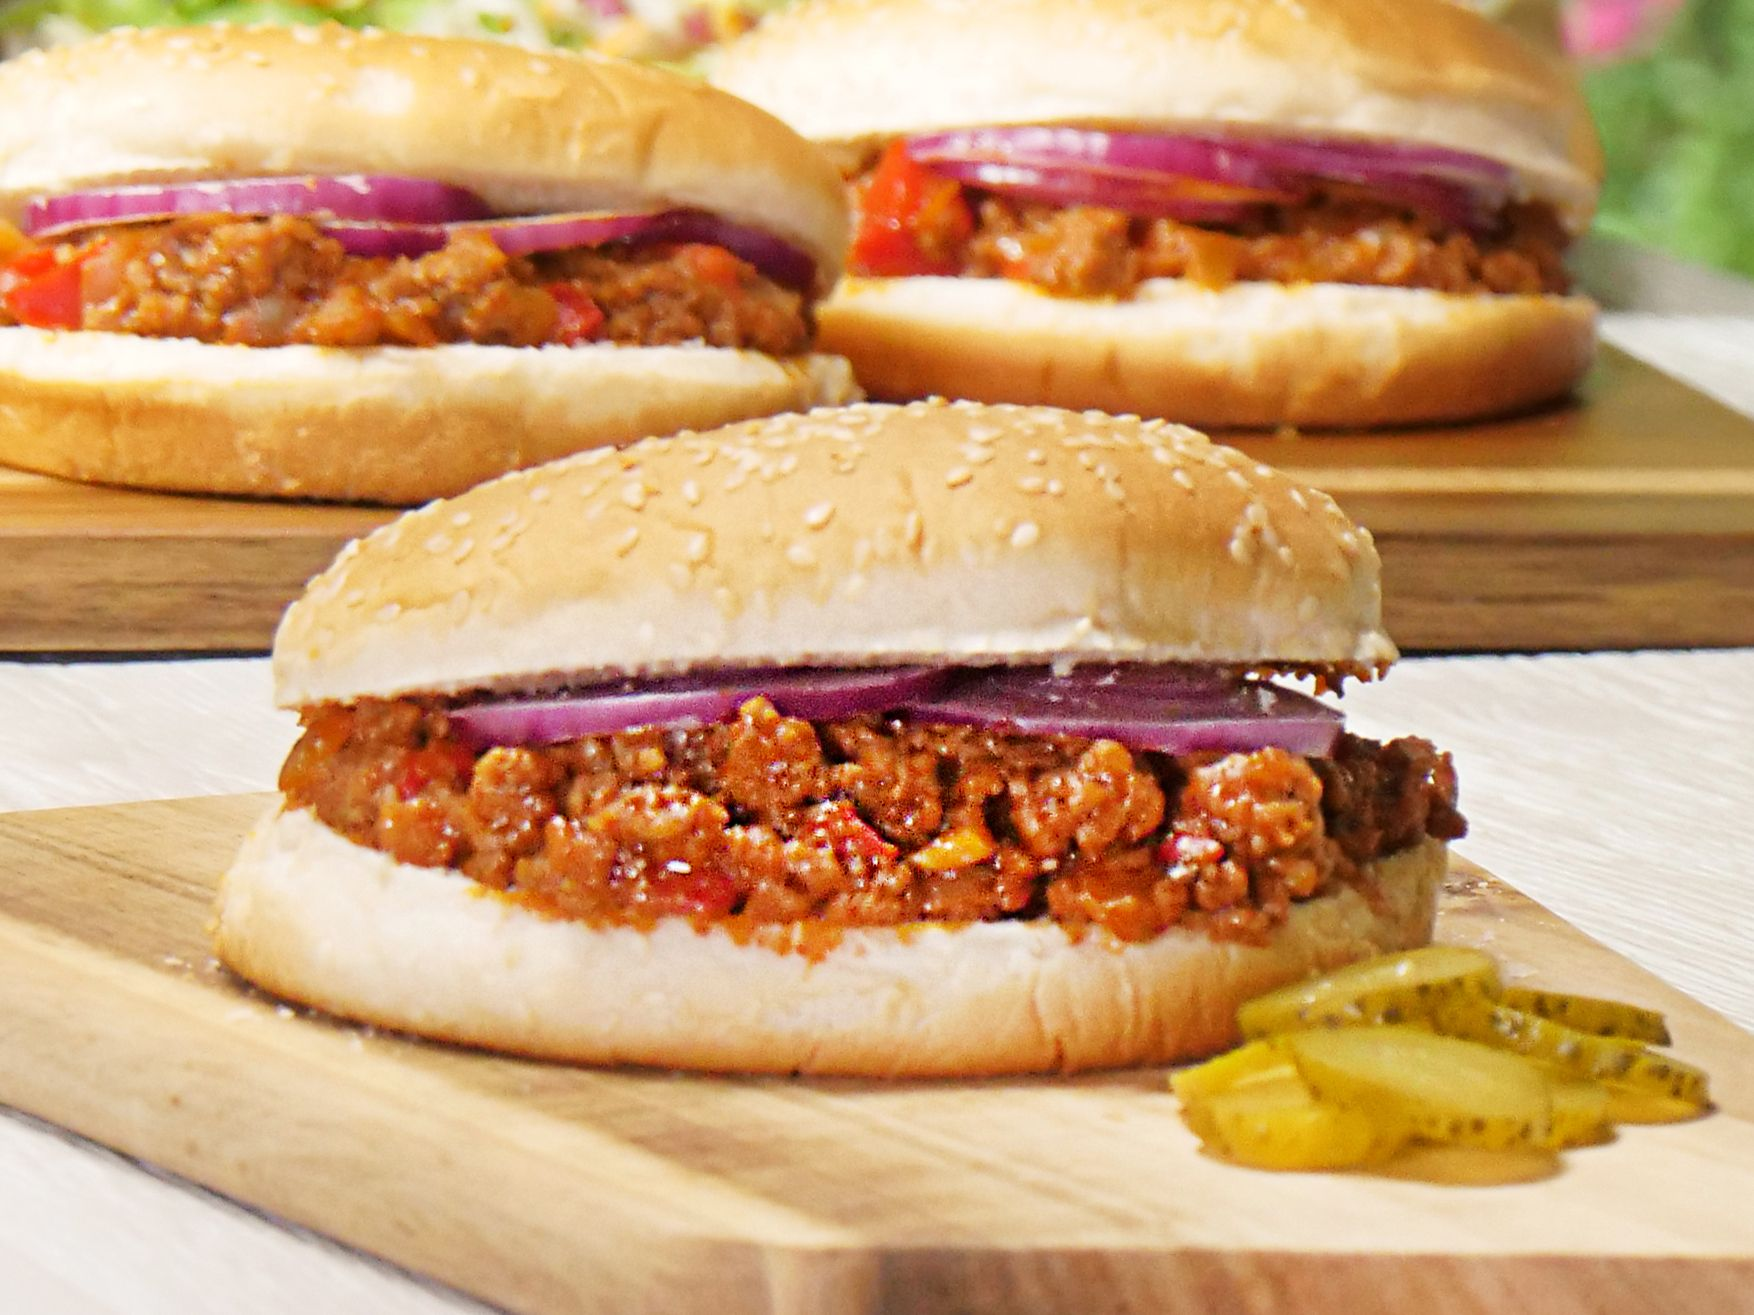 Sloppy Joe - Rezept für den amerikanischen Hack-Burger   Pinterest ...